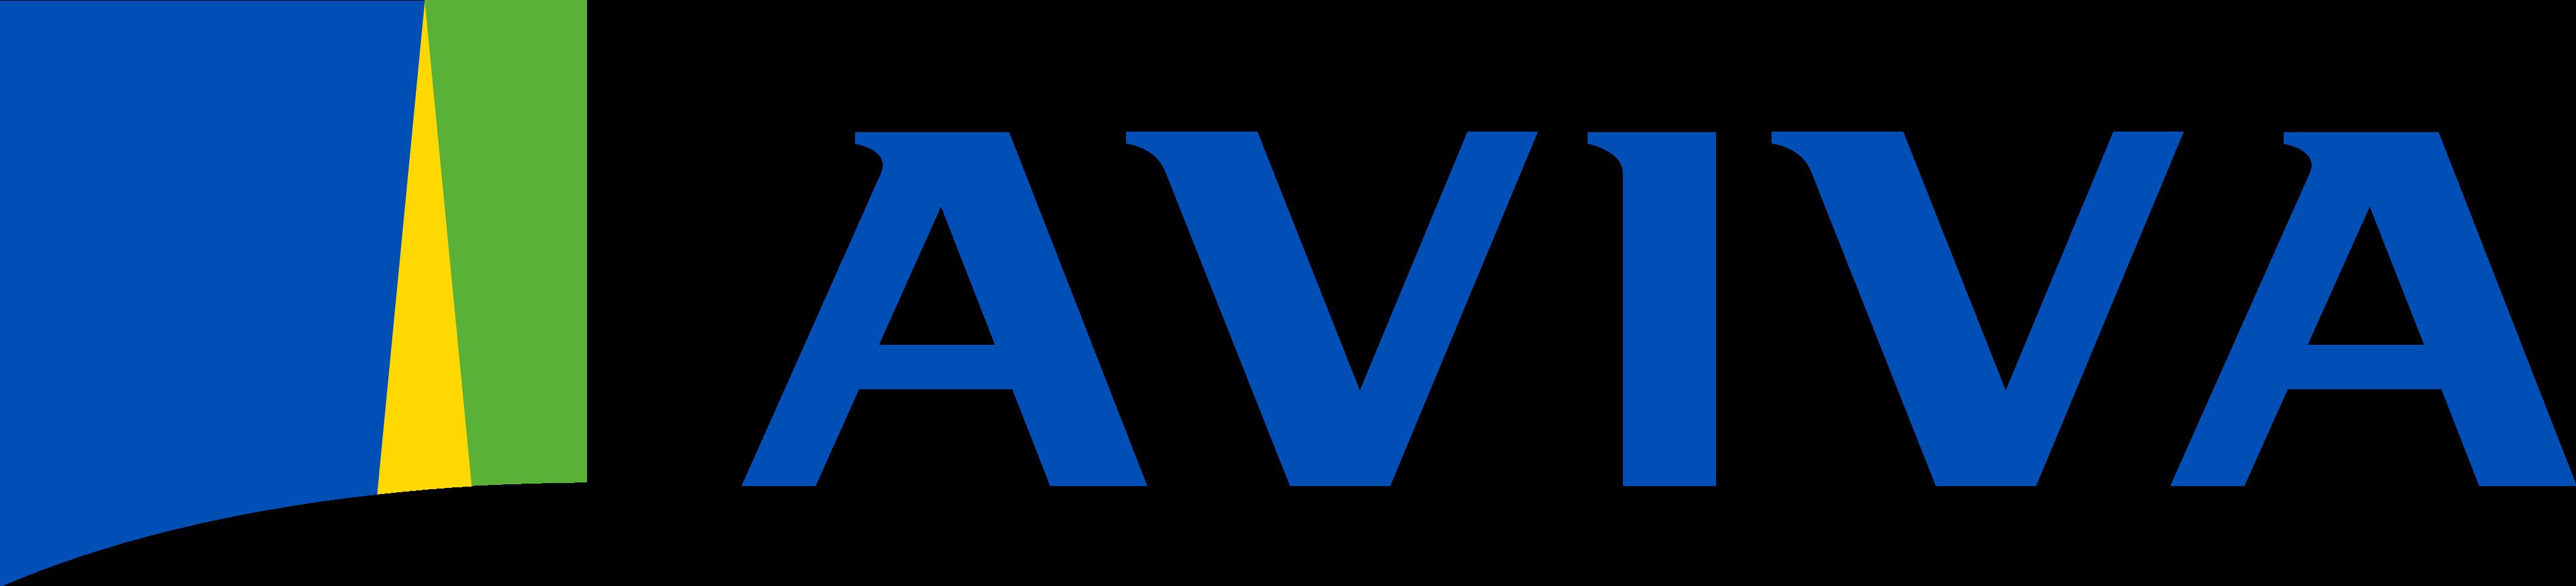 Aviva - Logos Download